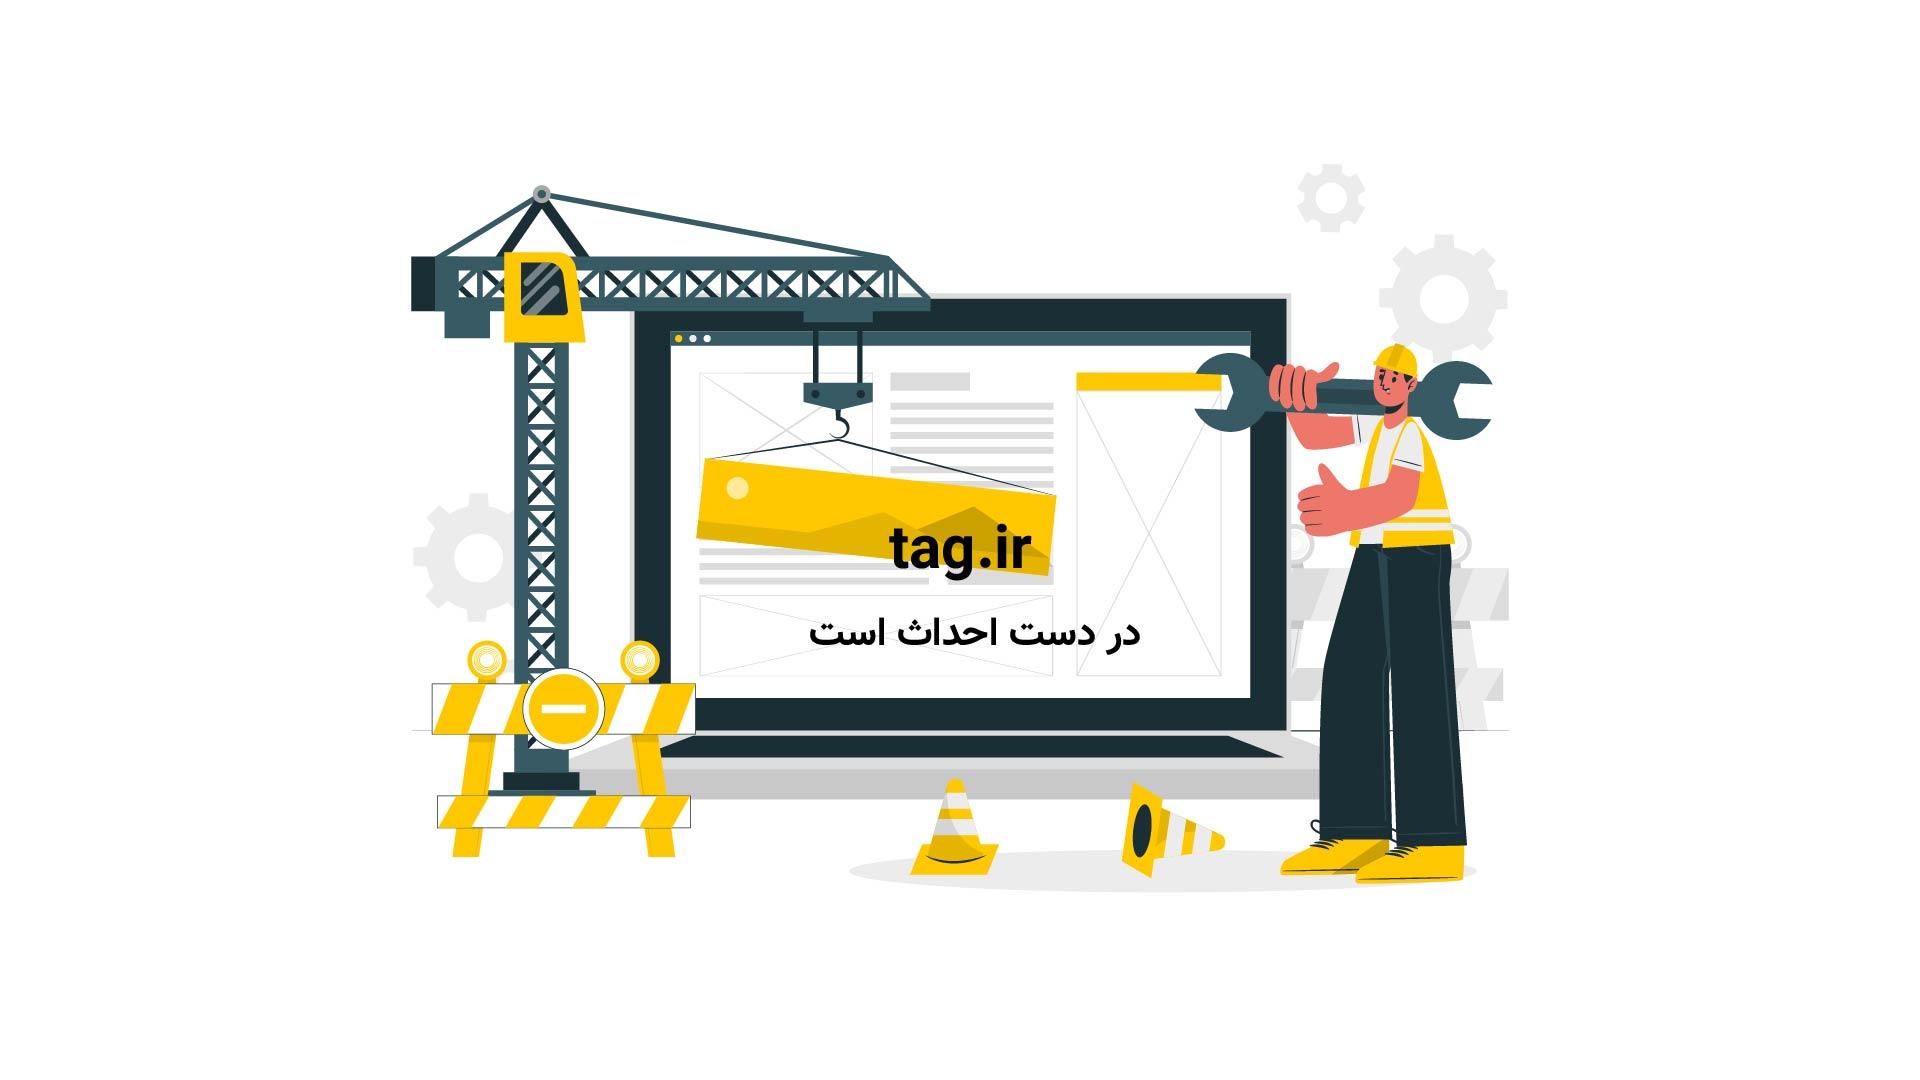 نقاشی سه بعدی اسب | تگ